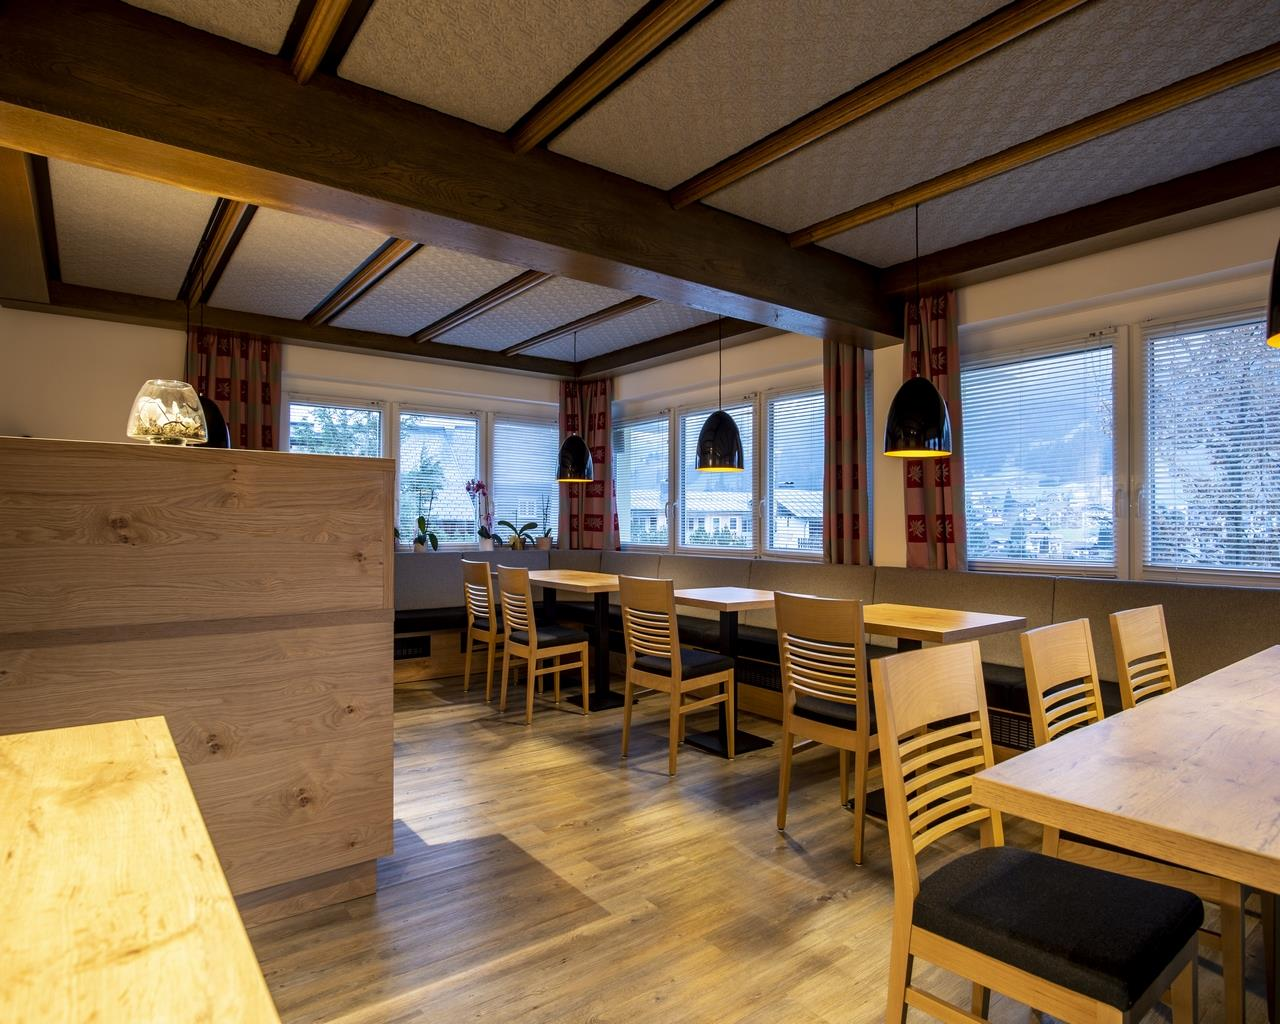 Appartement de vacances Gästehaus Boersch - Familie Jochum Apartment/Südterrasse/Dusche/WC (2) (1483184), Riezlern (AT), Kleinwalsertal, Vorarlberg, Autriche, image 15